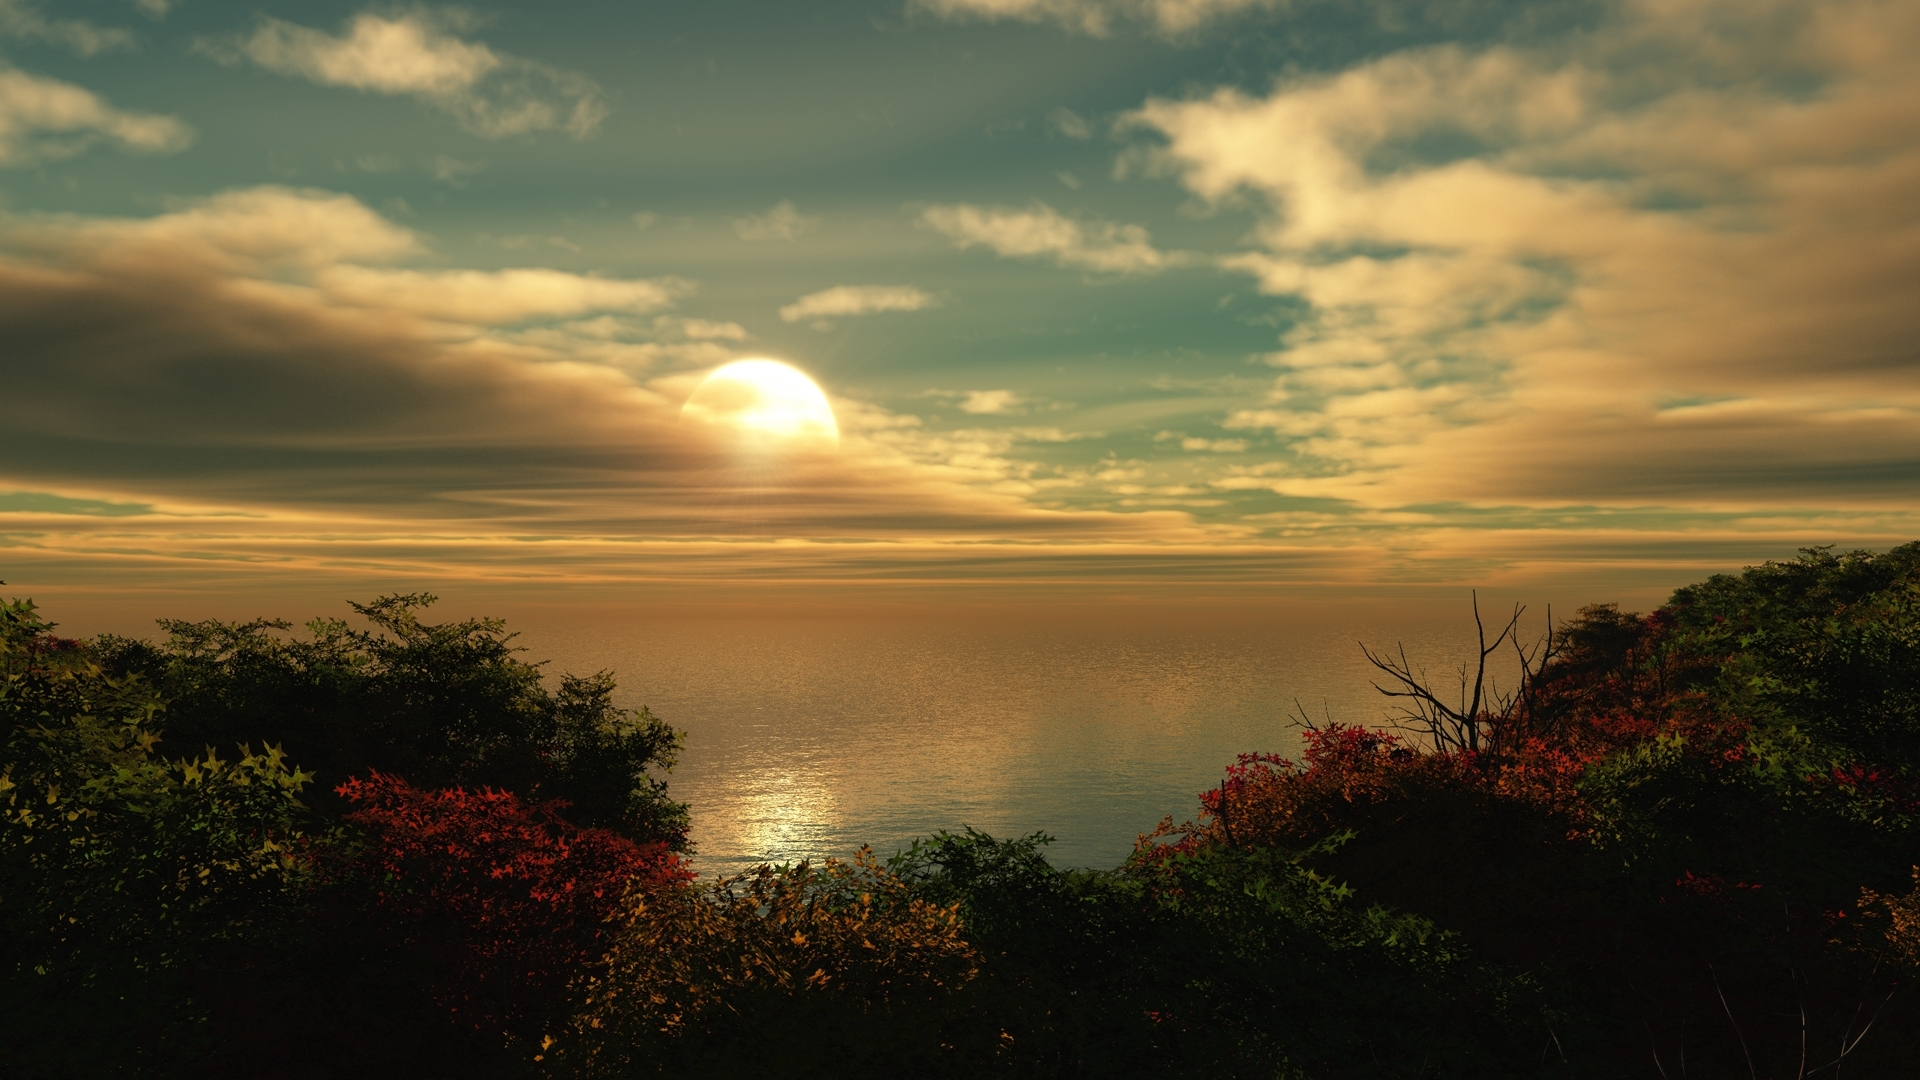 24491 скачать обои Пейзаж, Деревья, Море, Солнце, Облака - заставки и картинки бесплатно